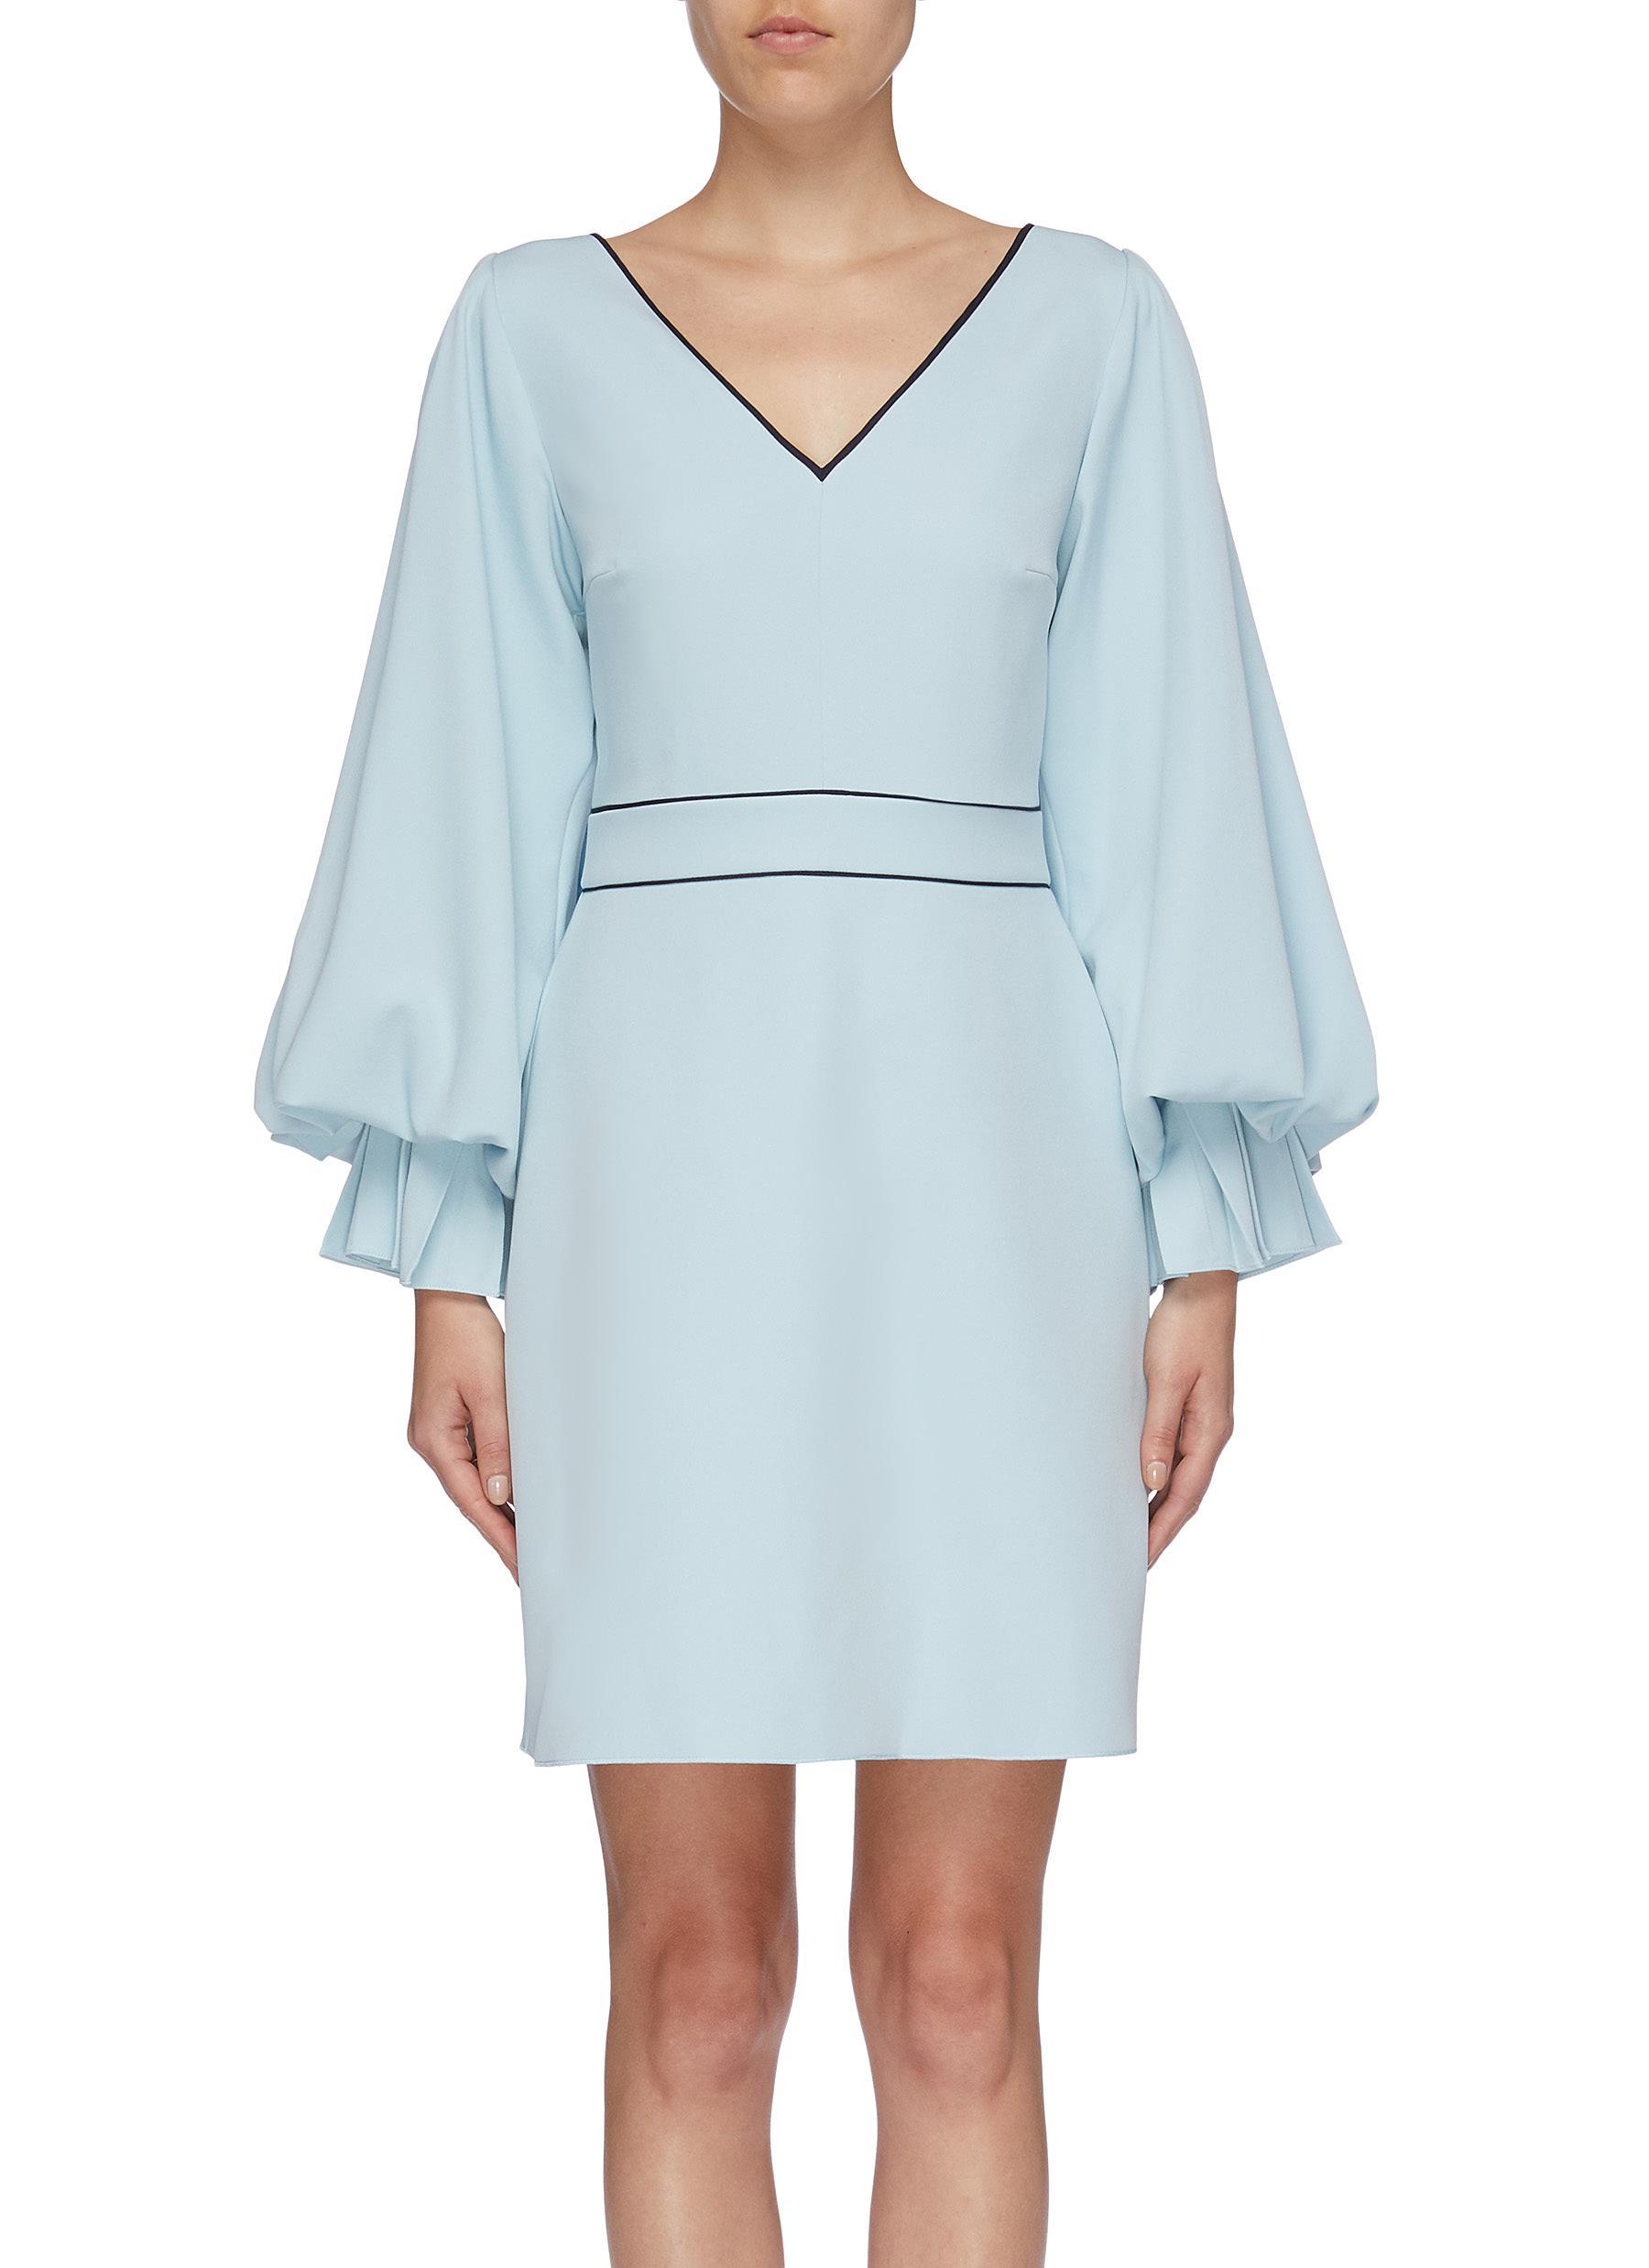 Darie tie back bishop sleeve crepe dress by Roksanda